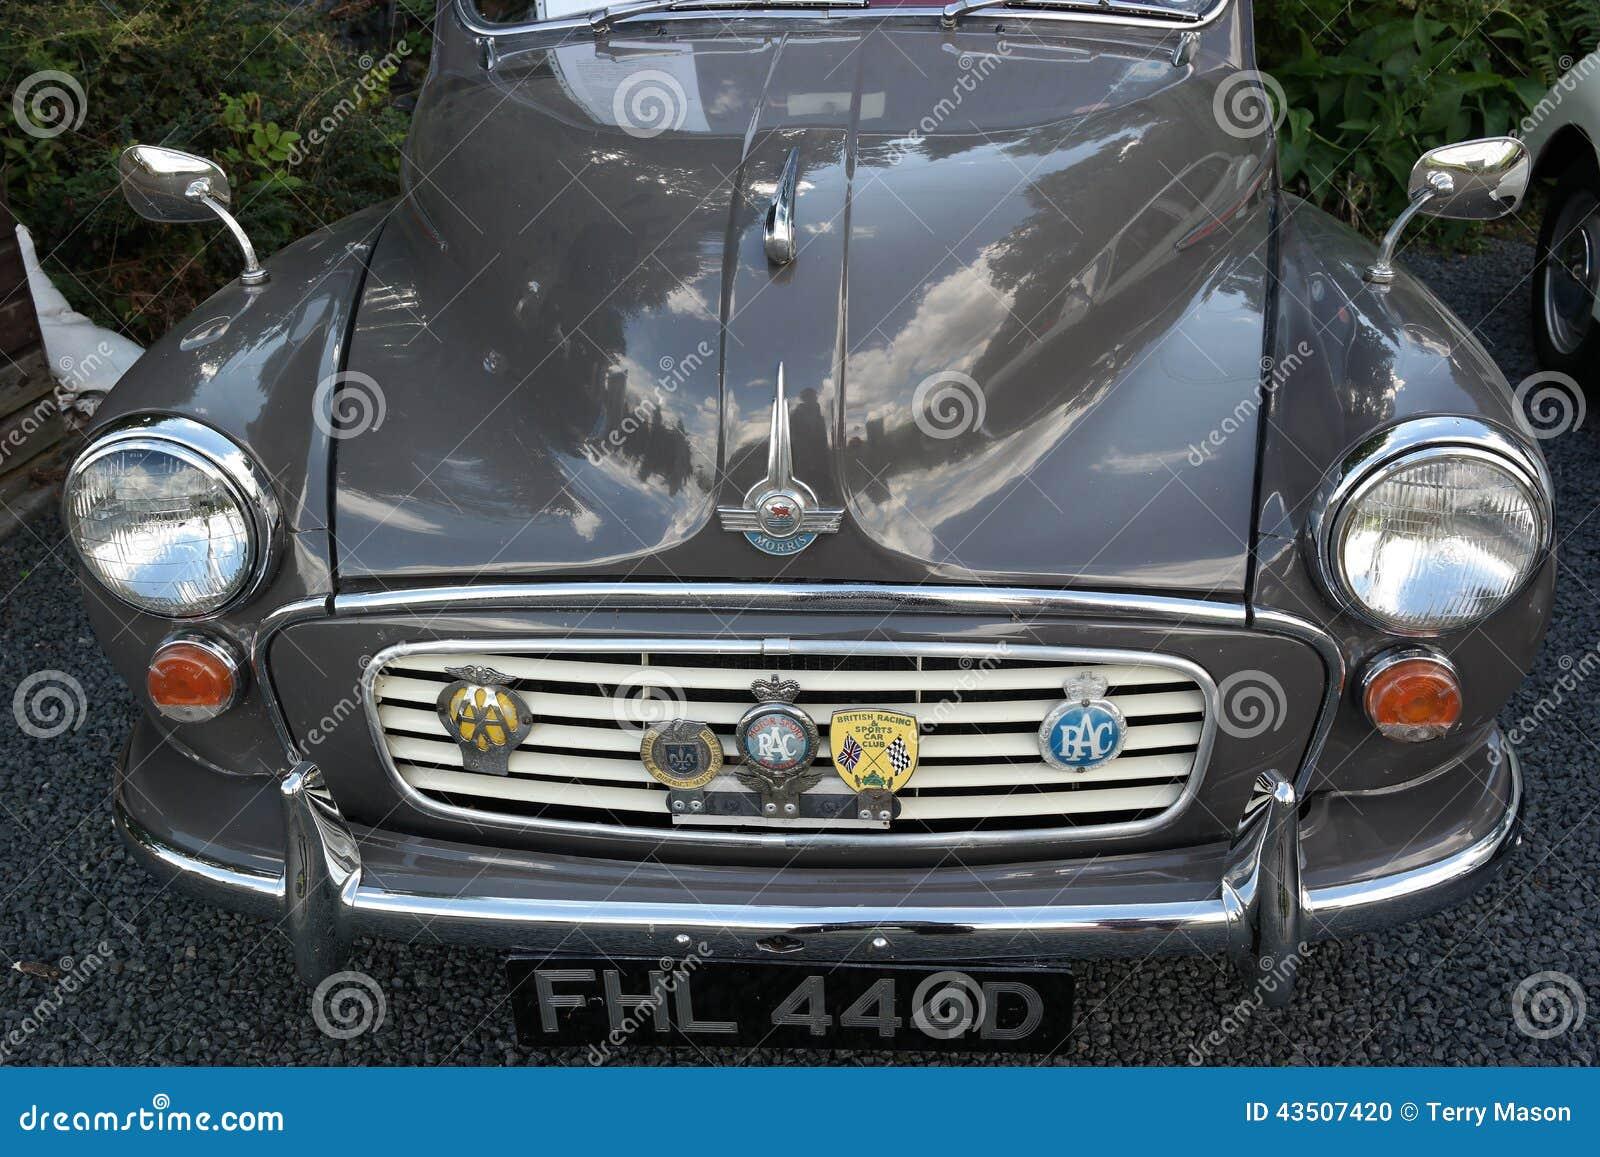 Vintage Classic Morris Bonnet Badge Vehicle Parts & Accessories Badges & Mascots